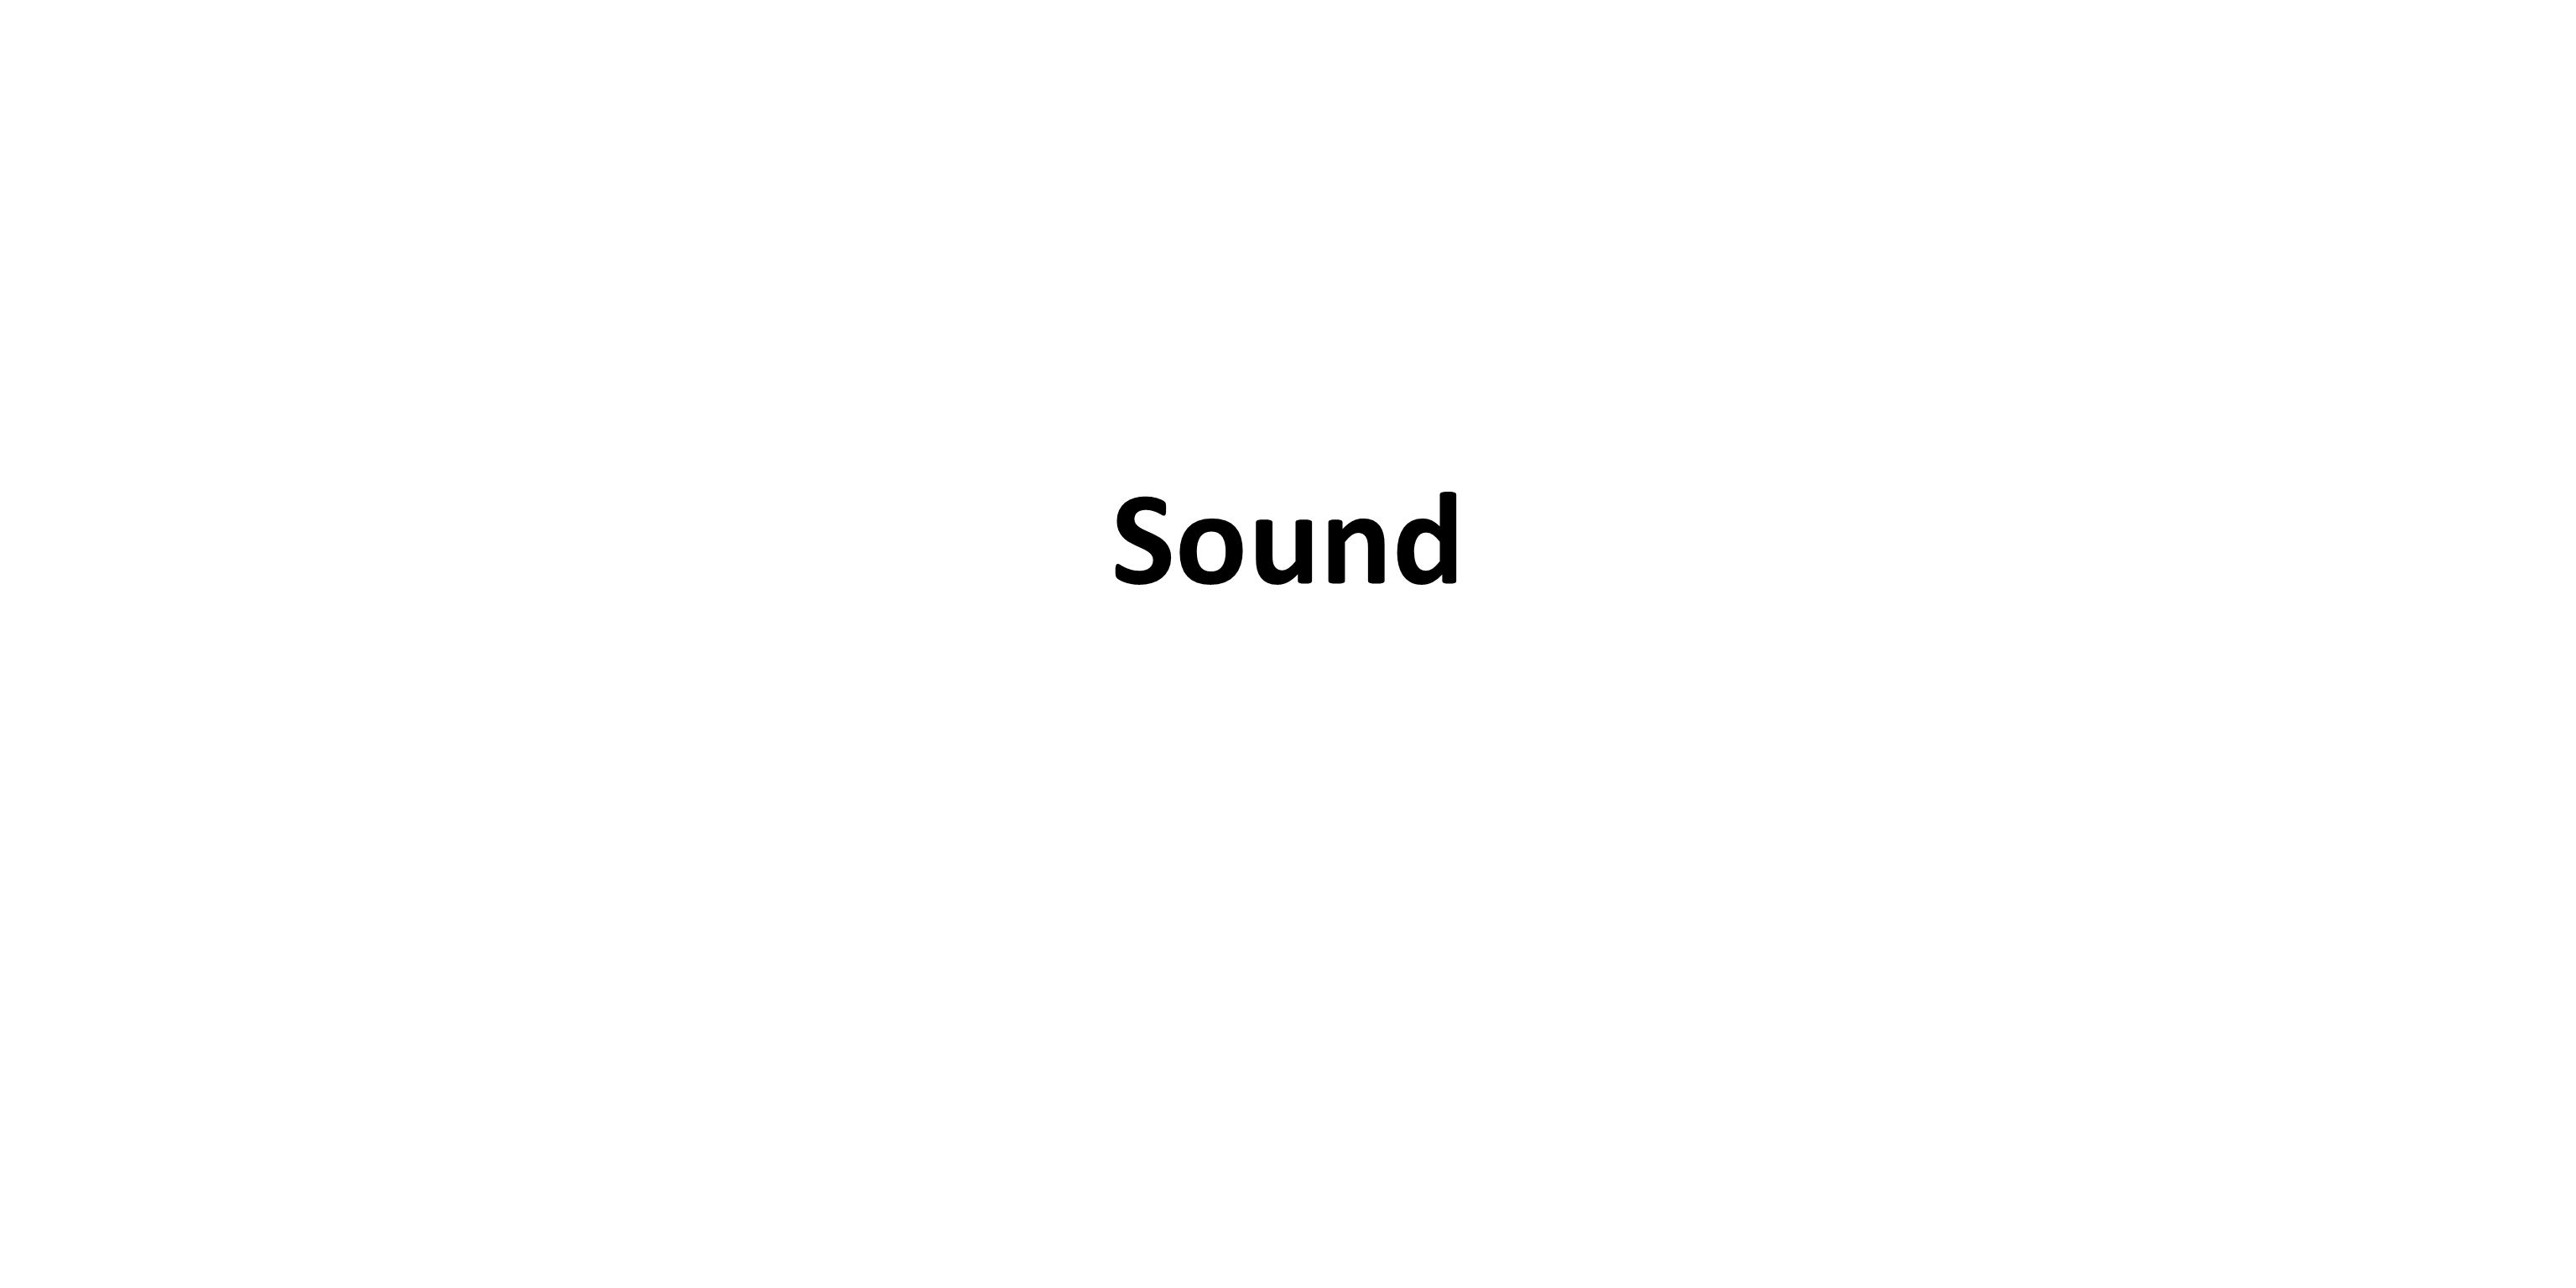 Latihan Mandiri Buat 1 buah aktor yang dapat mengungkapkan sesuatu kepada sesorang dengan di iringi suara seperti yang ada di video di samping